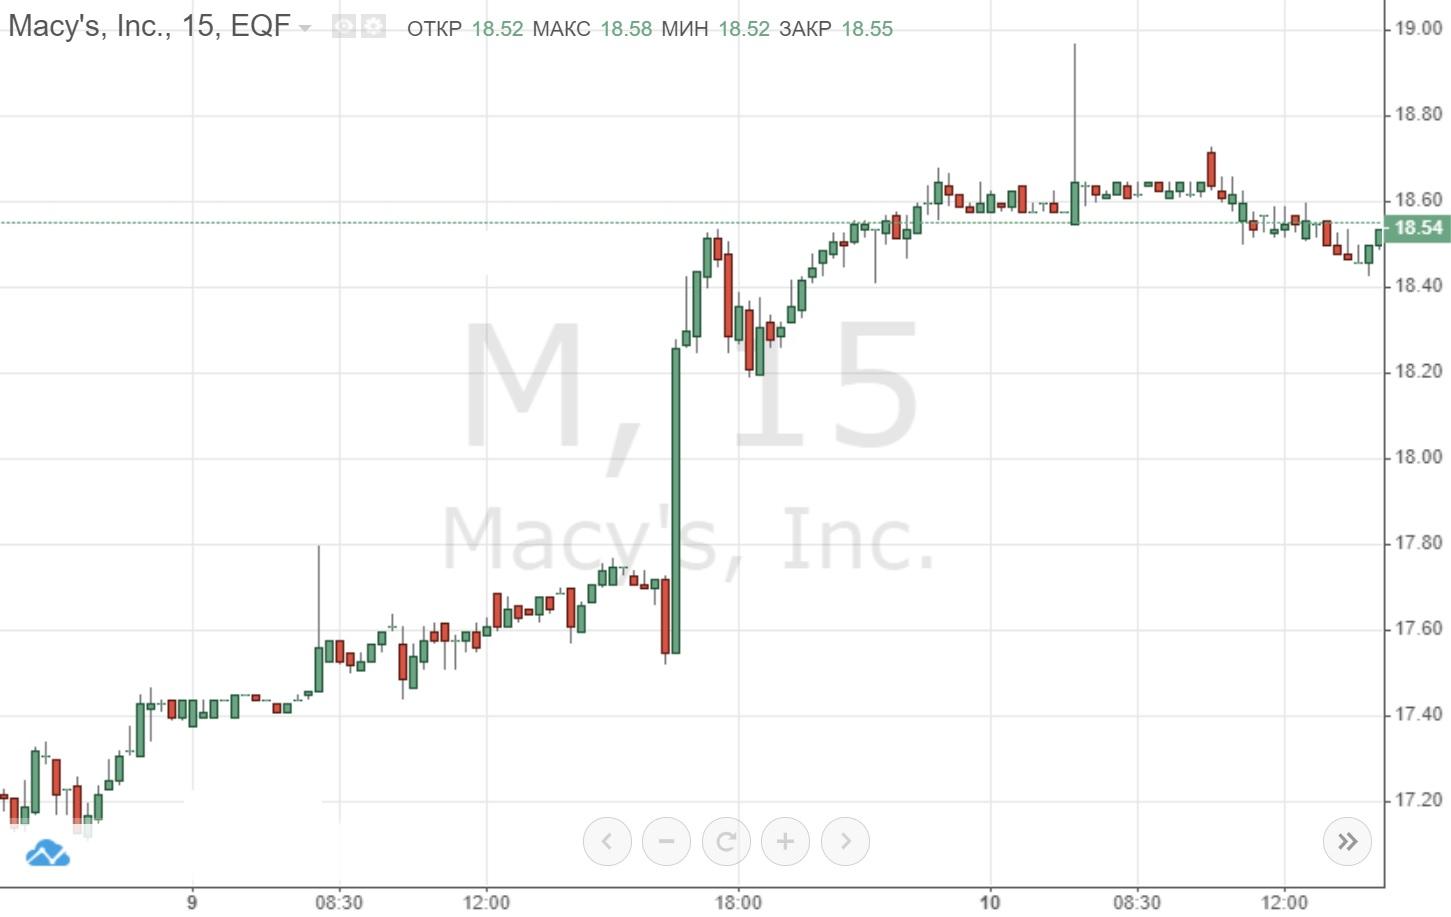 В США скупают акции ритейлеров, Macy's прибавила почти 7%